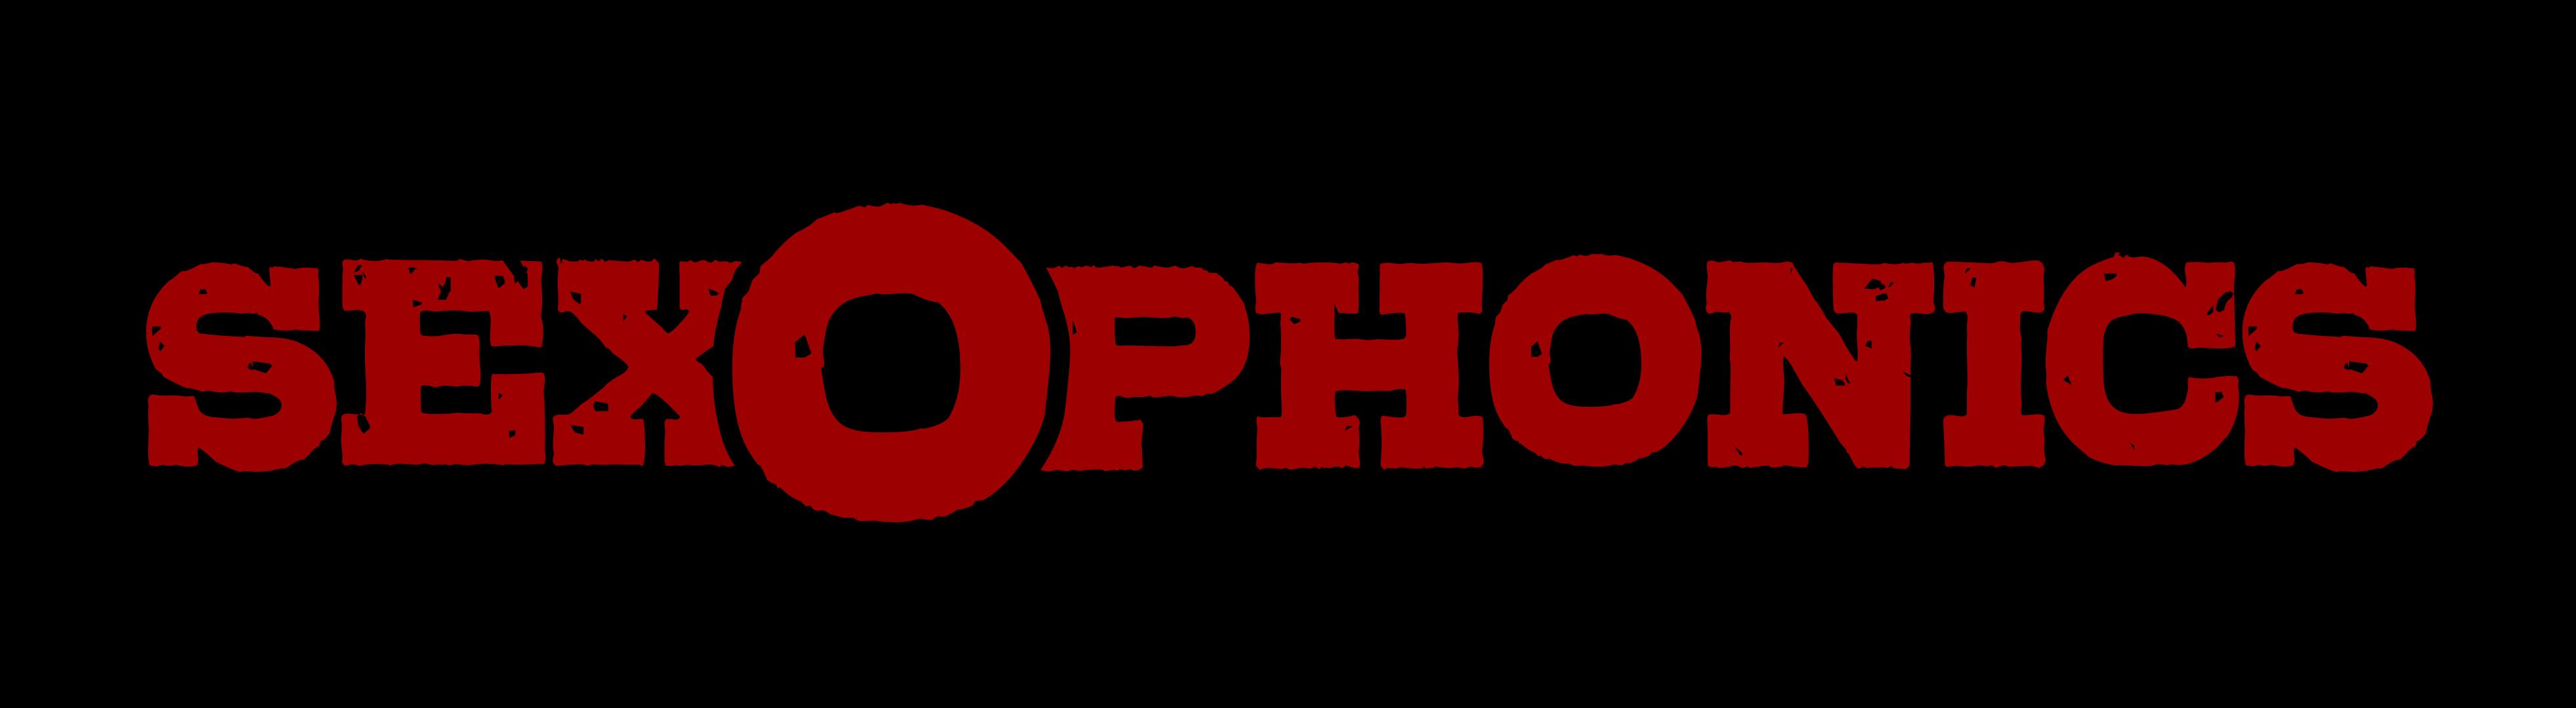 sexOphonics